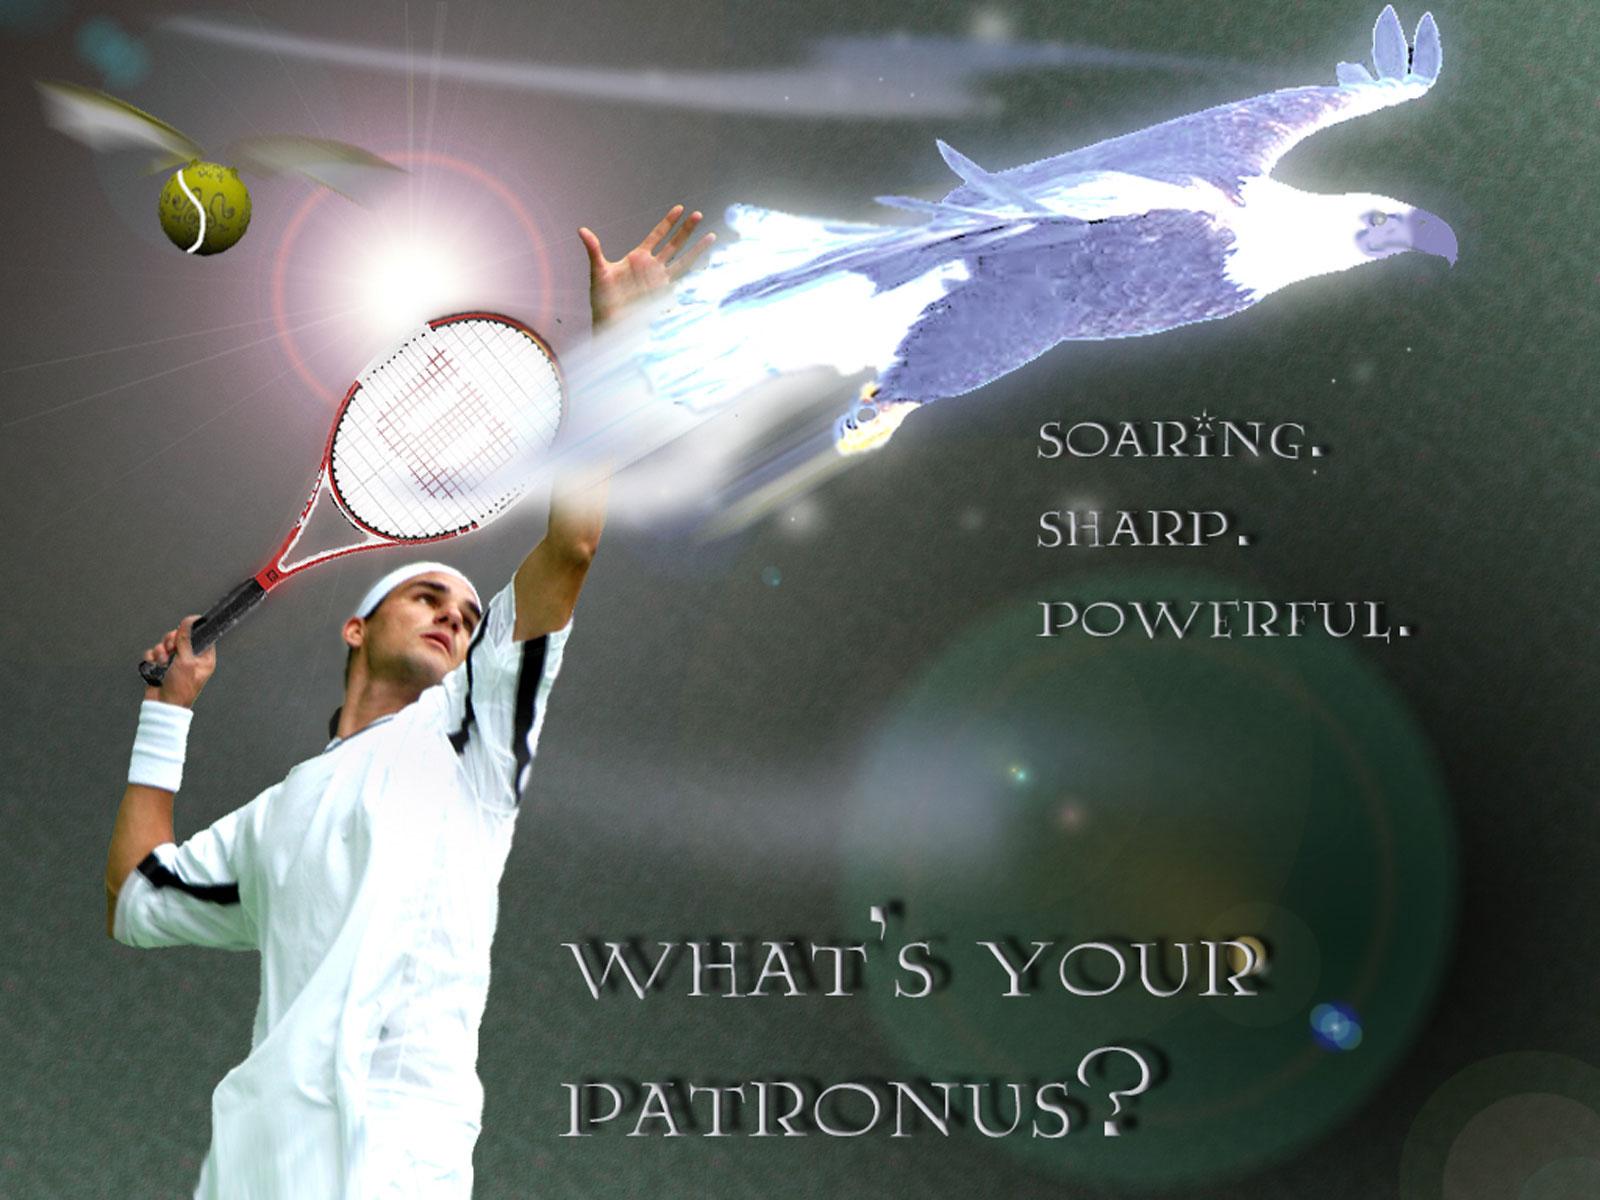 Roger-Federer-Patronus-Wallpaper.jpg